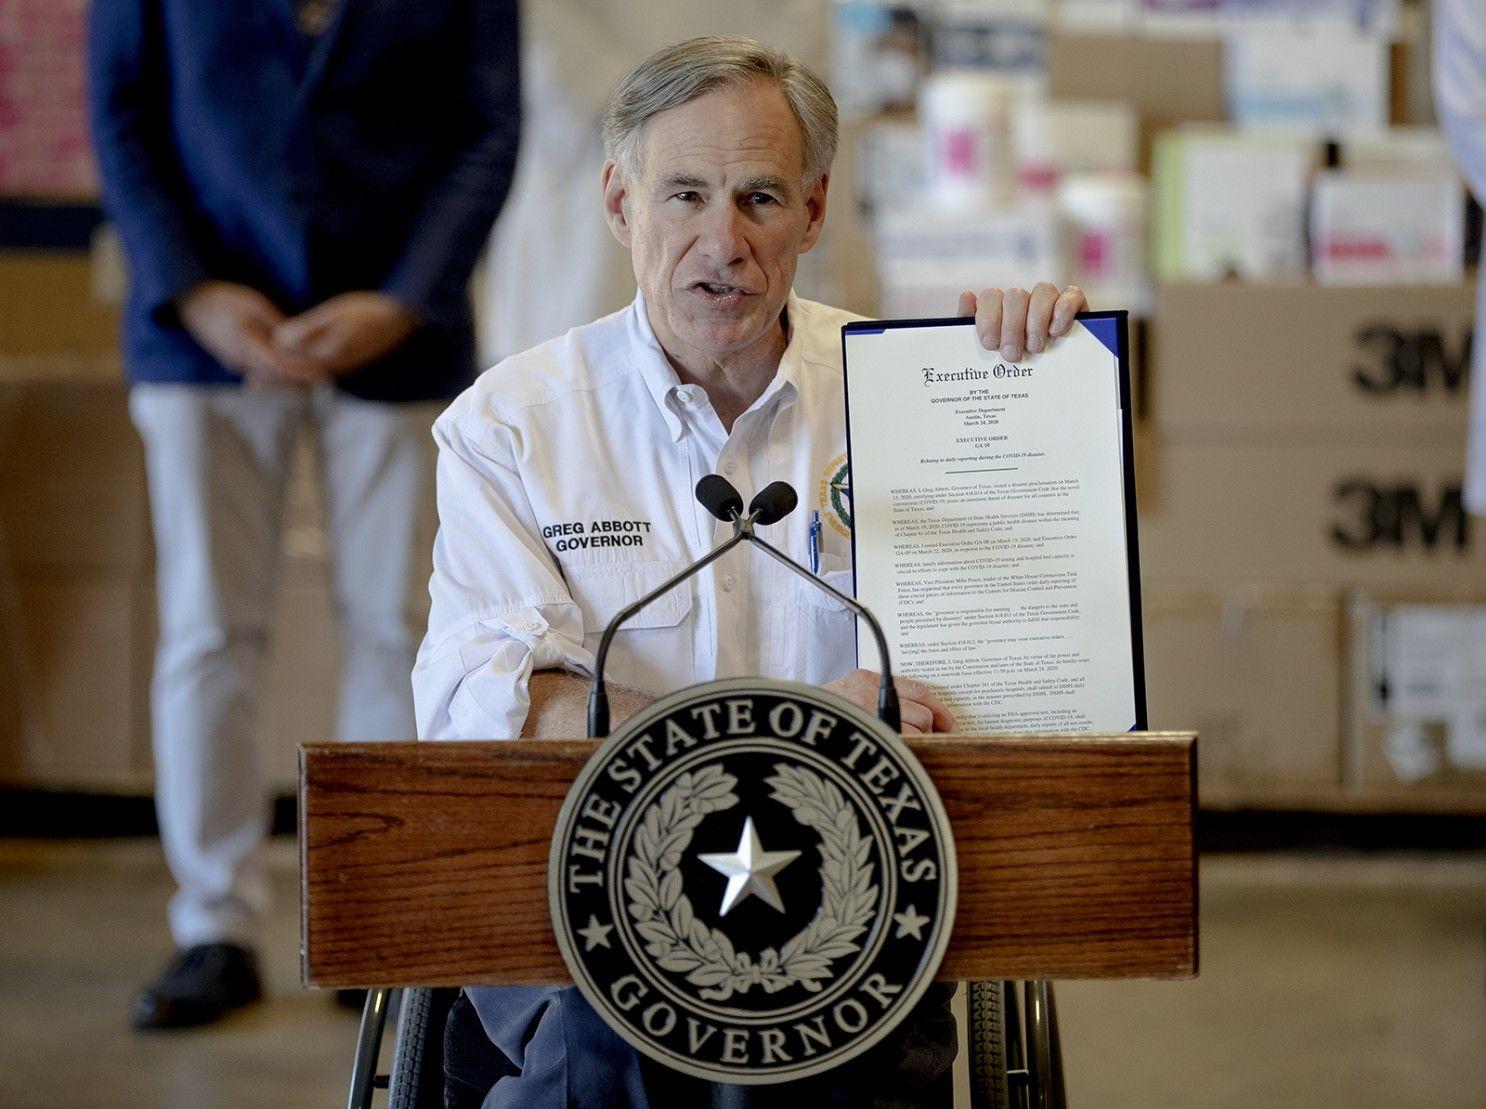 Texas halts abortion services amid coronavirus outbreak